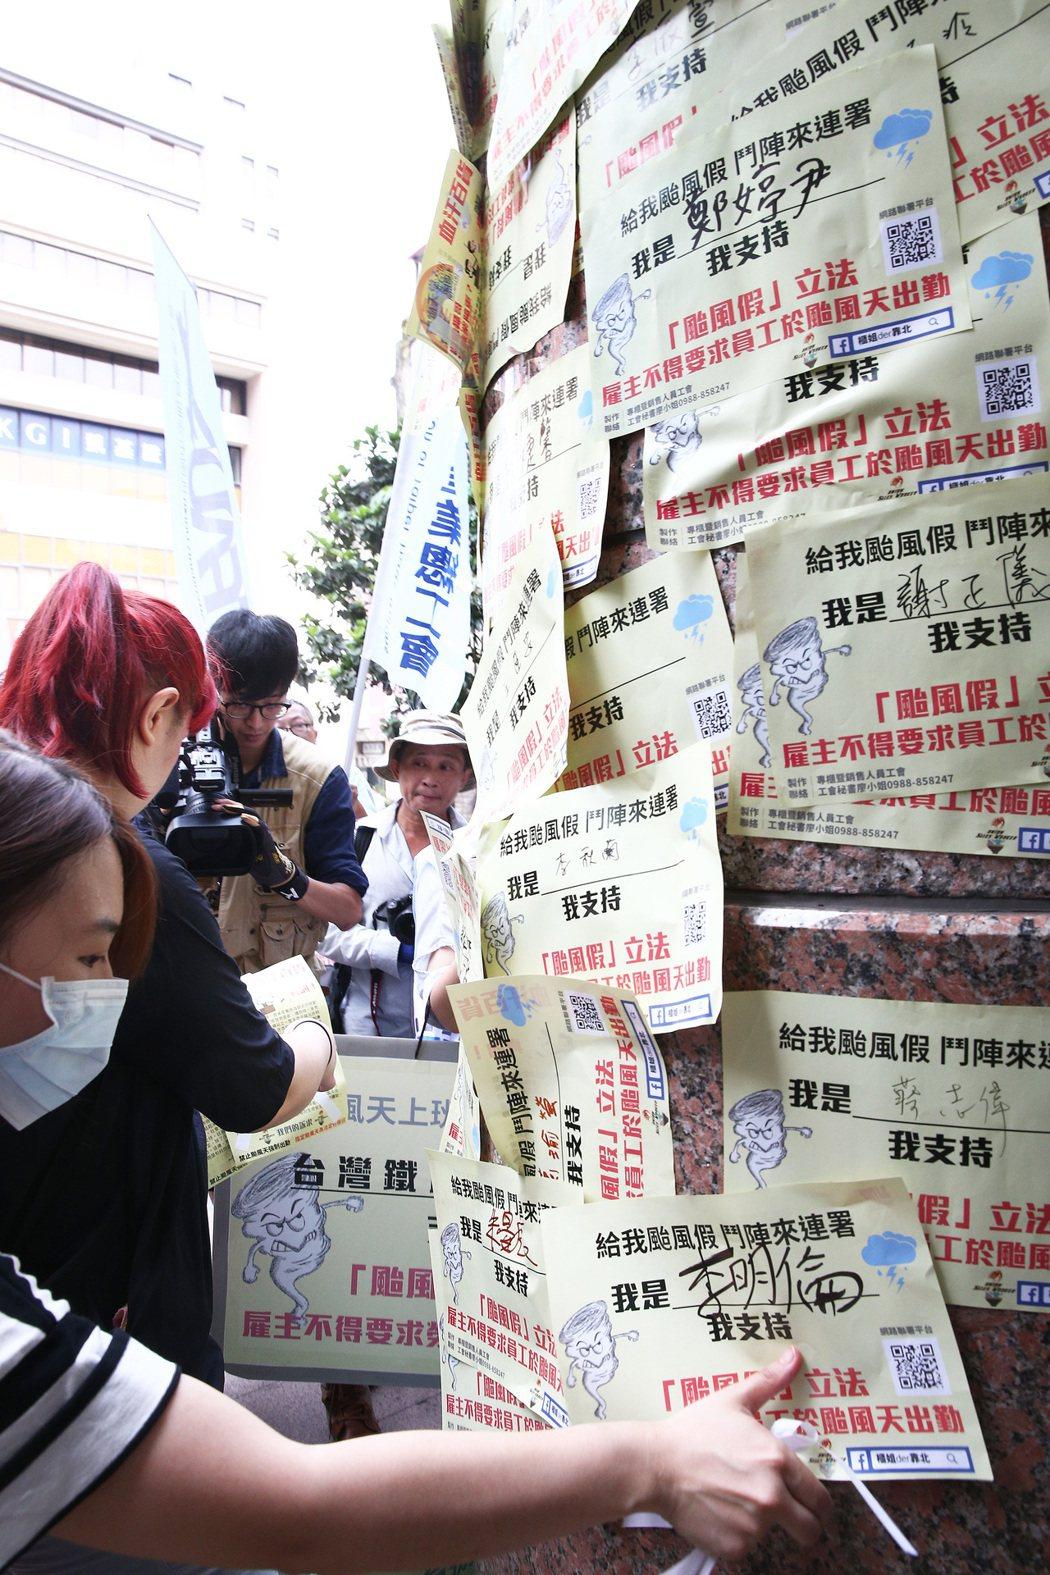 台灣專櫃暨銷售人員產業工會等勞團到勞動部抗議,要求颱風假入法,呼籲勞動部支持勞工...